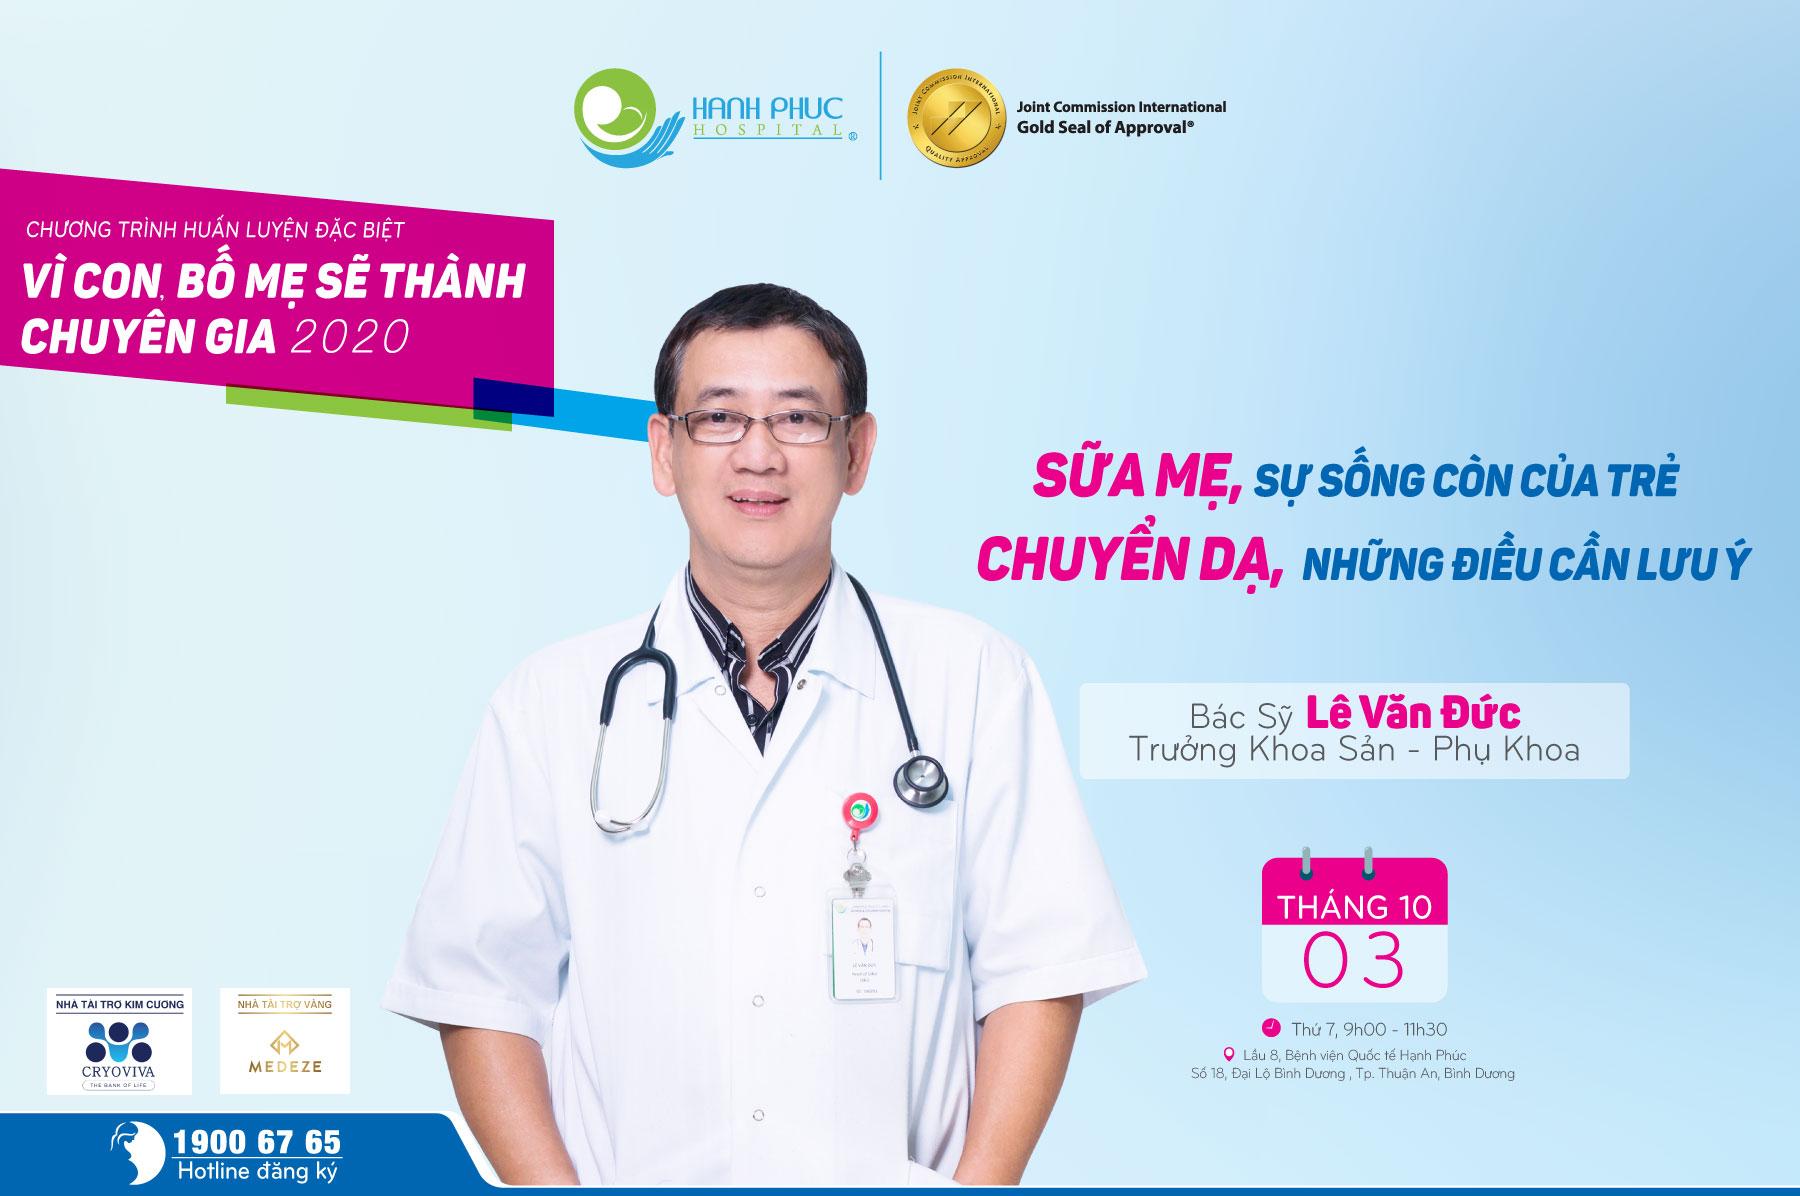 [HEALTH TALK THÁNG 10/2020]: Sữa mẹ, sự sống còn của trẻ & Chuyển dạ, những dấu hiệu cần biết